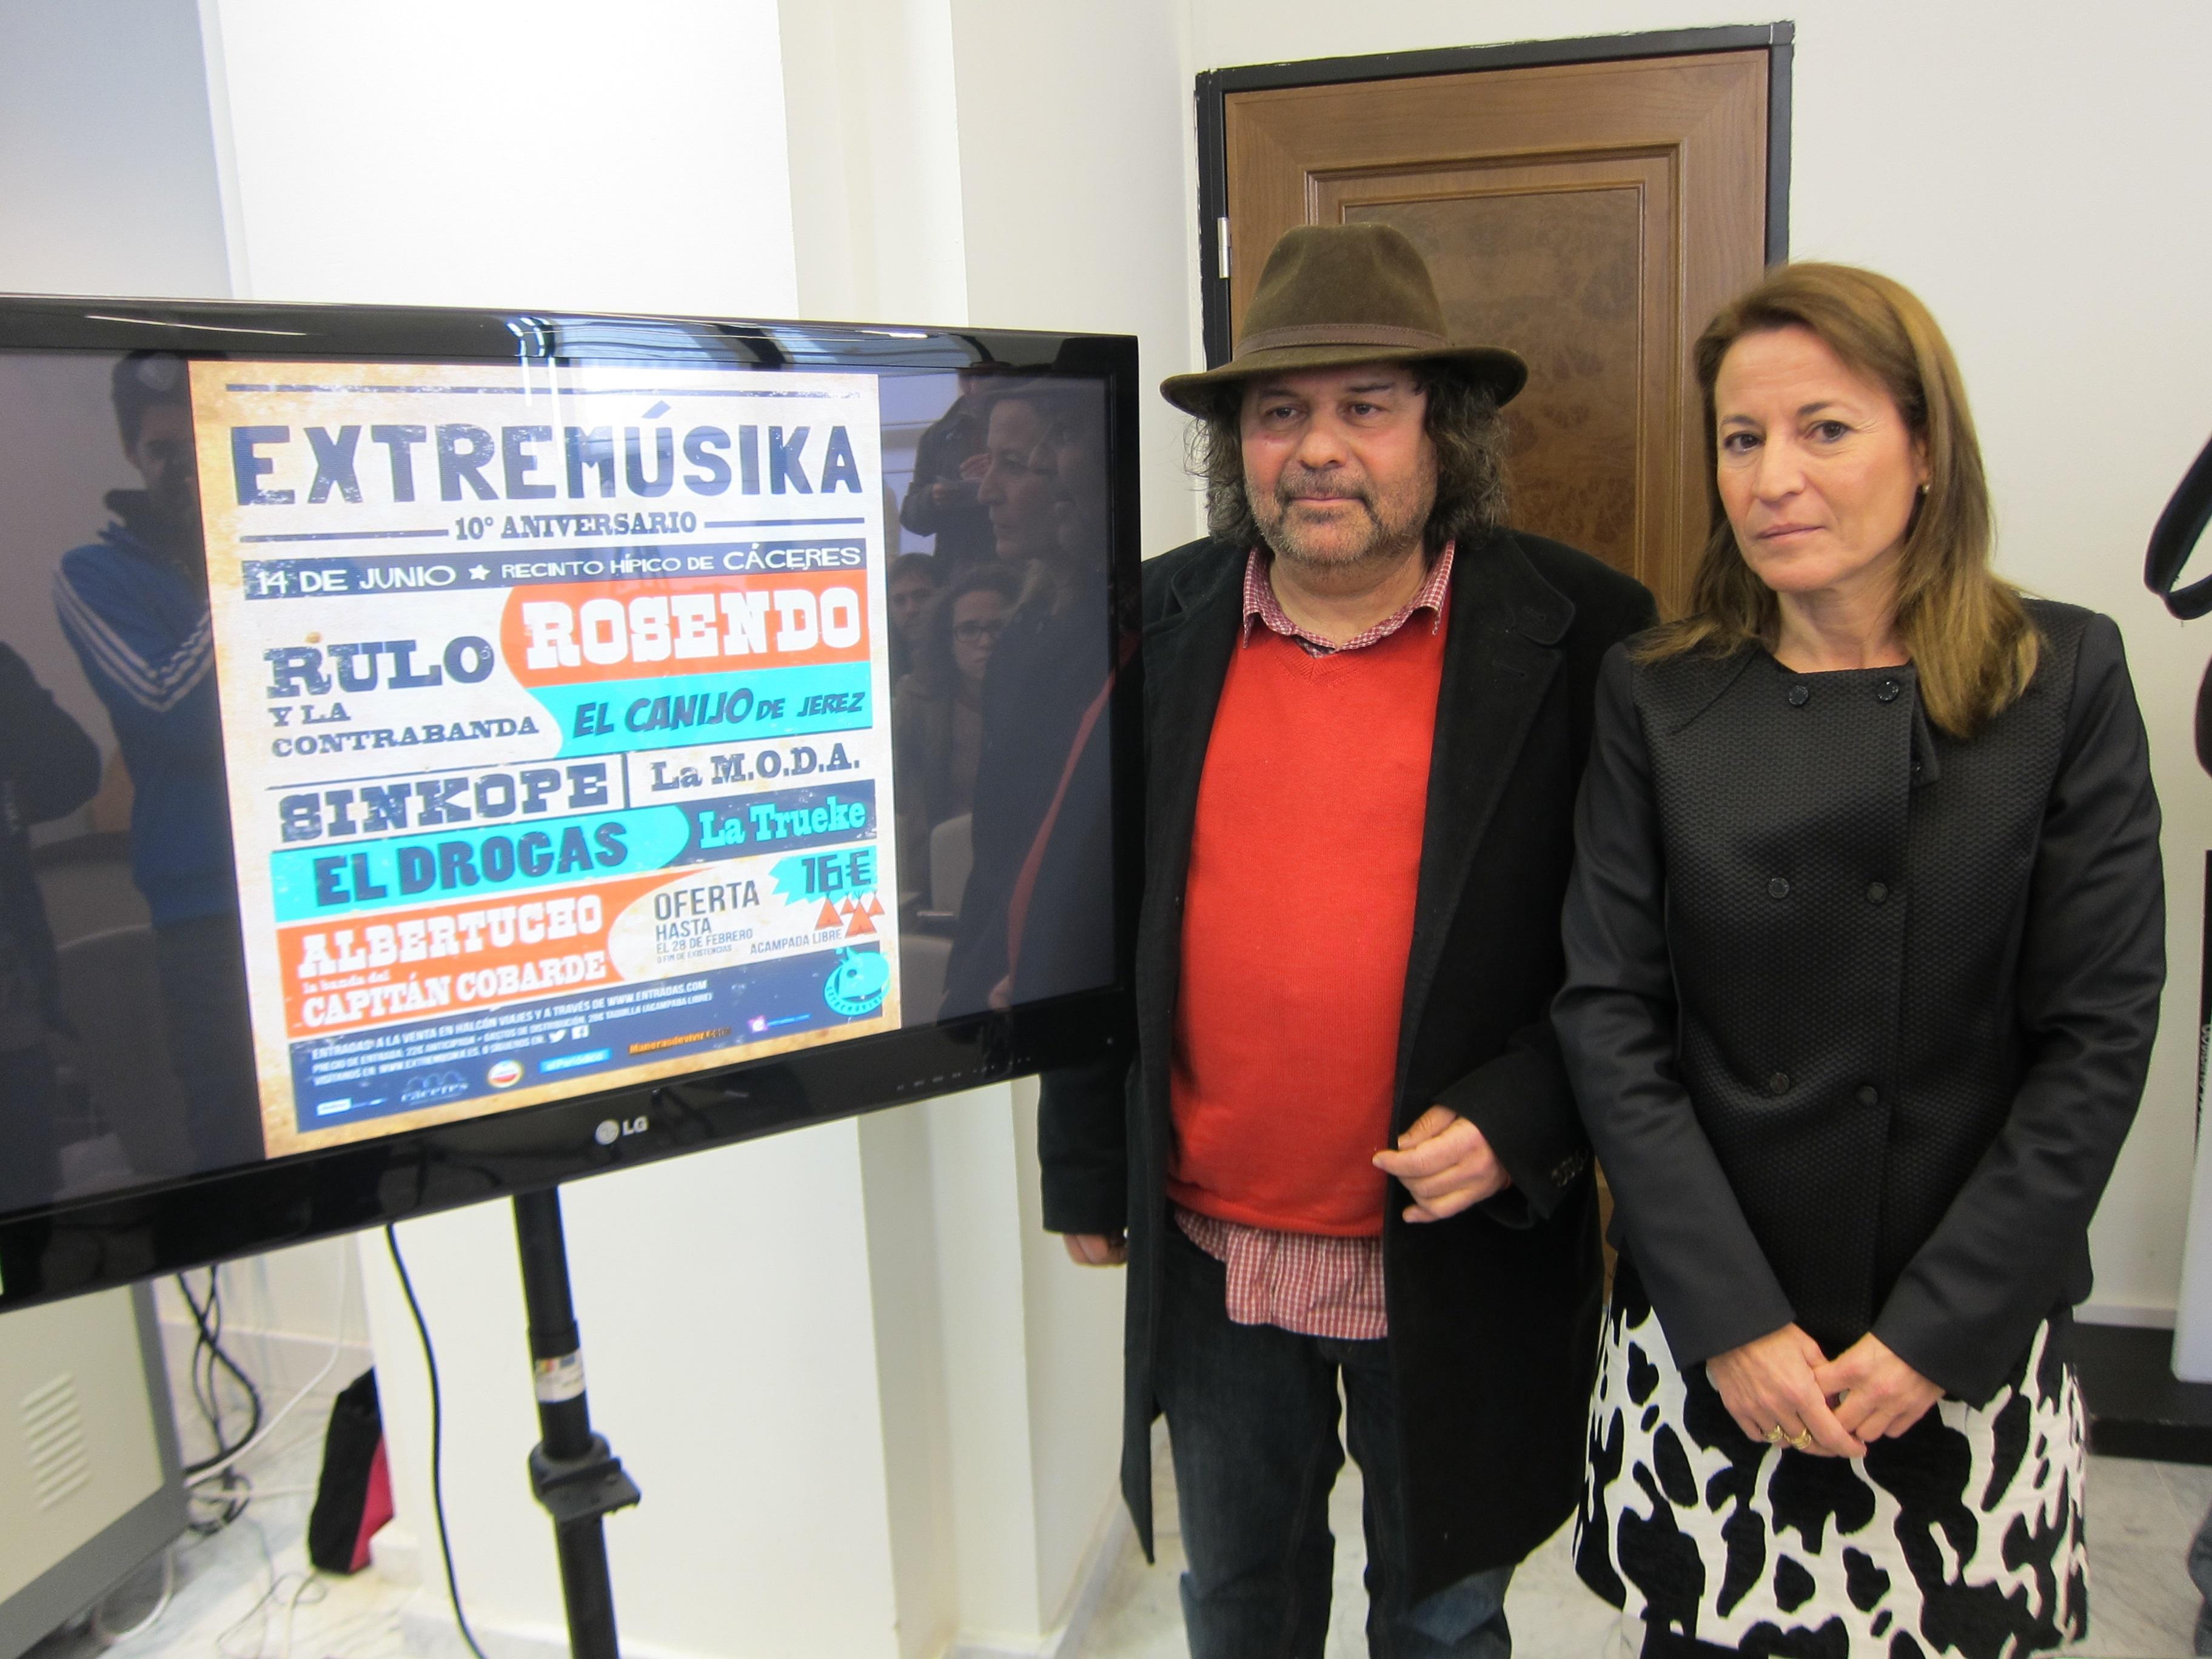 El festival »Extremúsika» vuelve a Cáceres en junio con Rosendo como cabeza de cartel